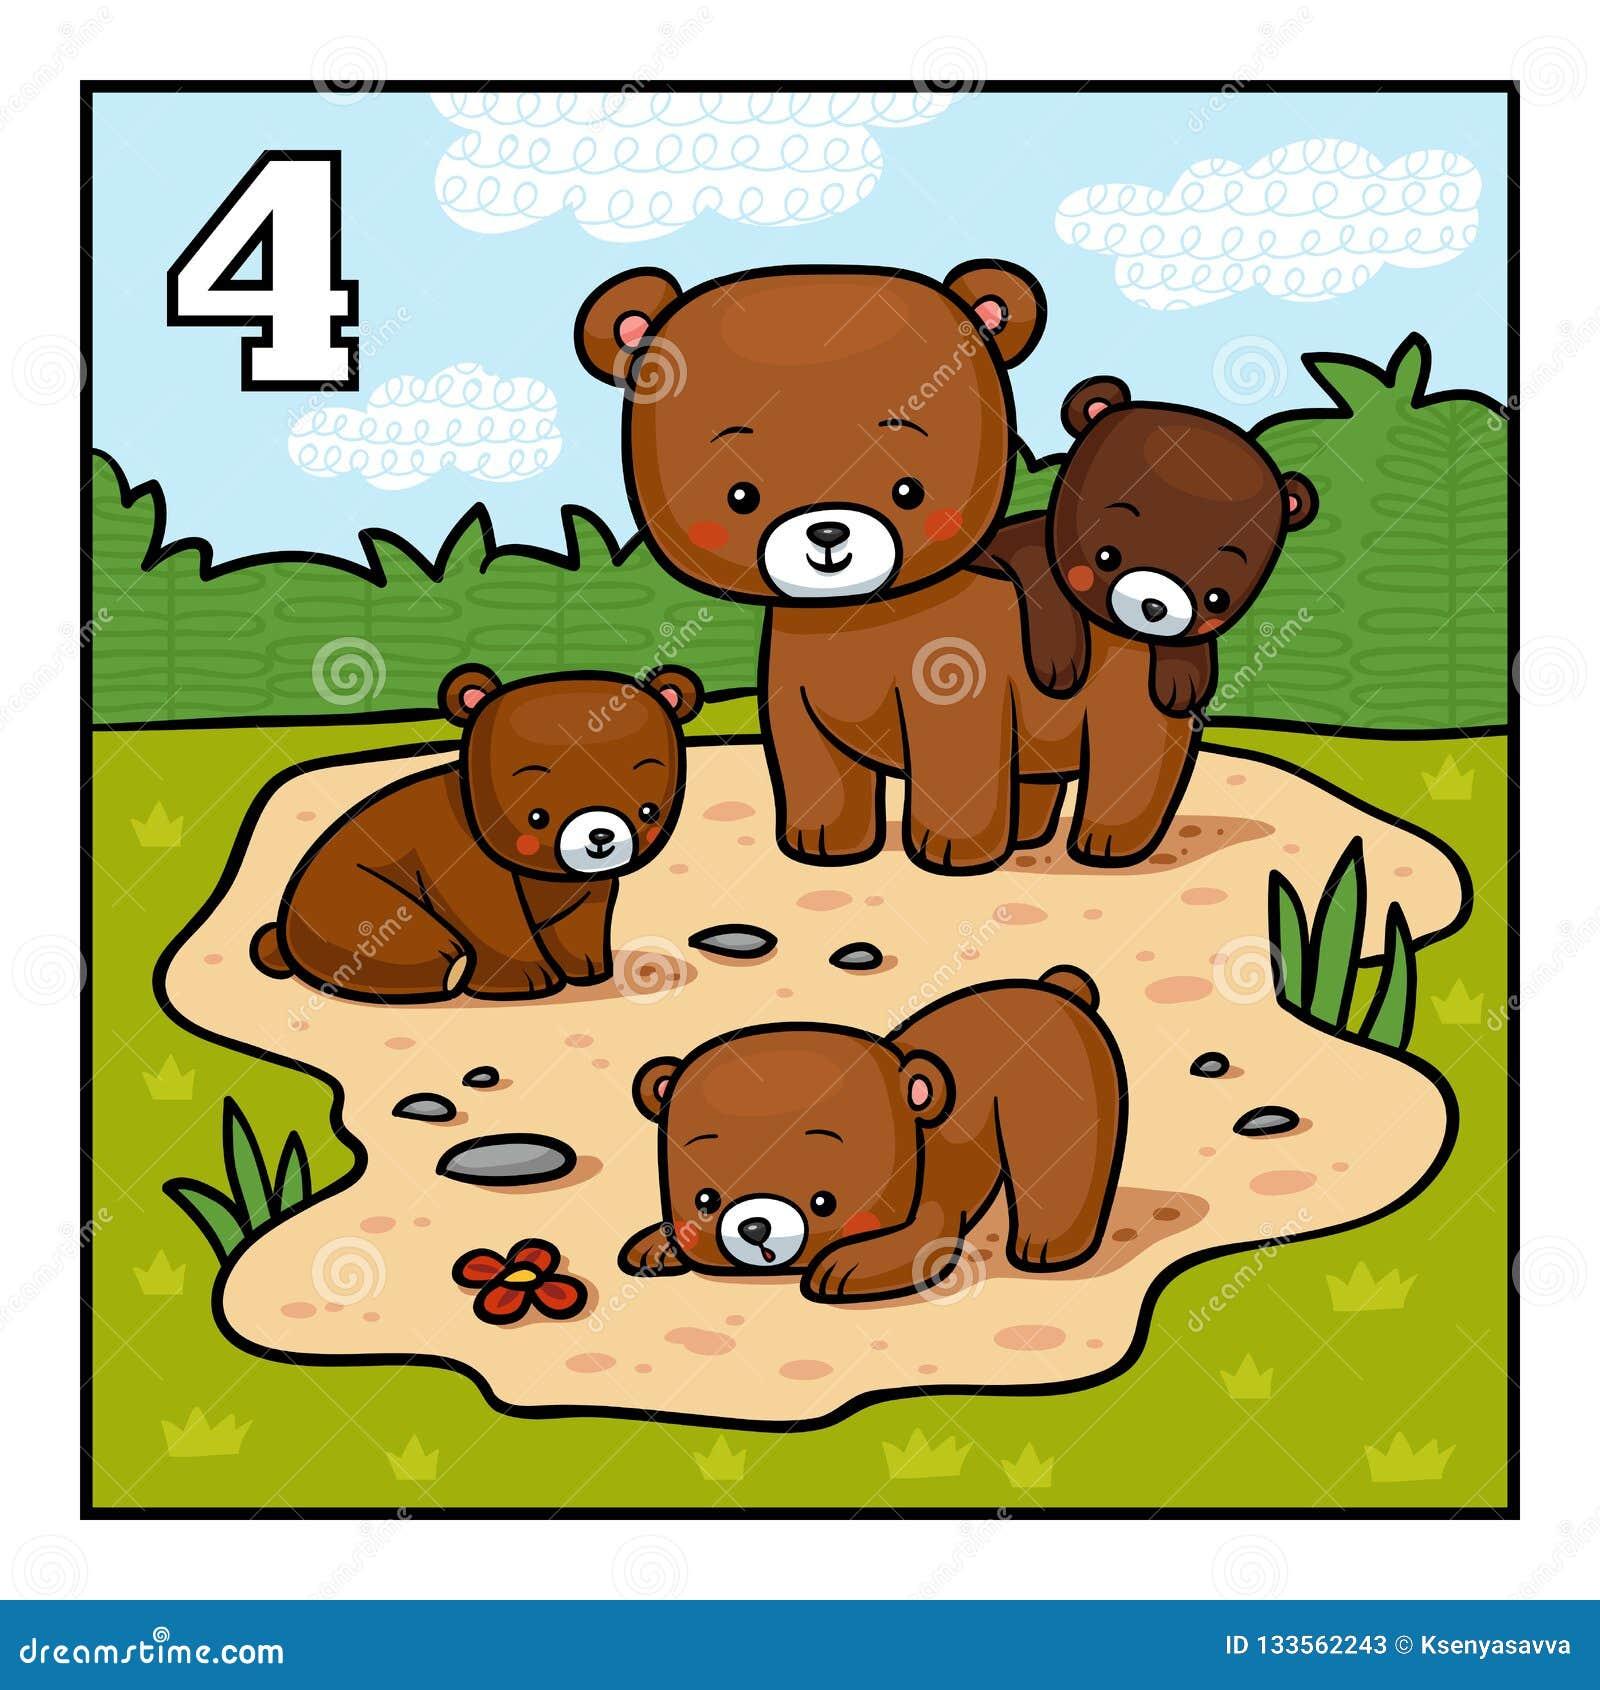 Cartoon illustration for children. Four bears